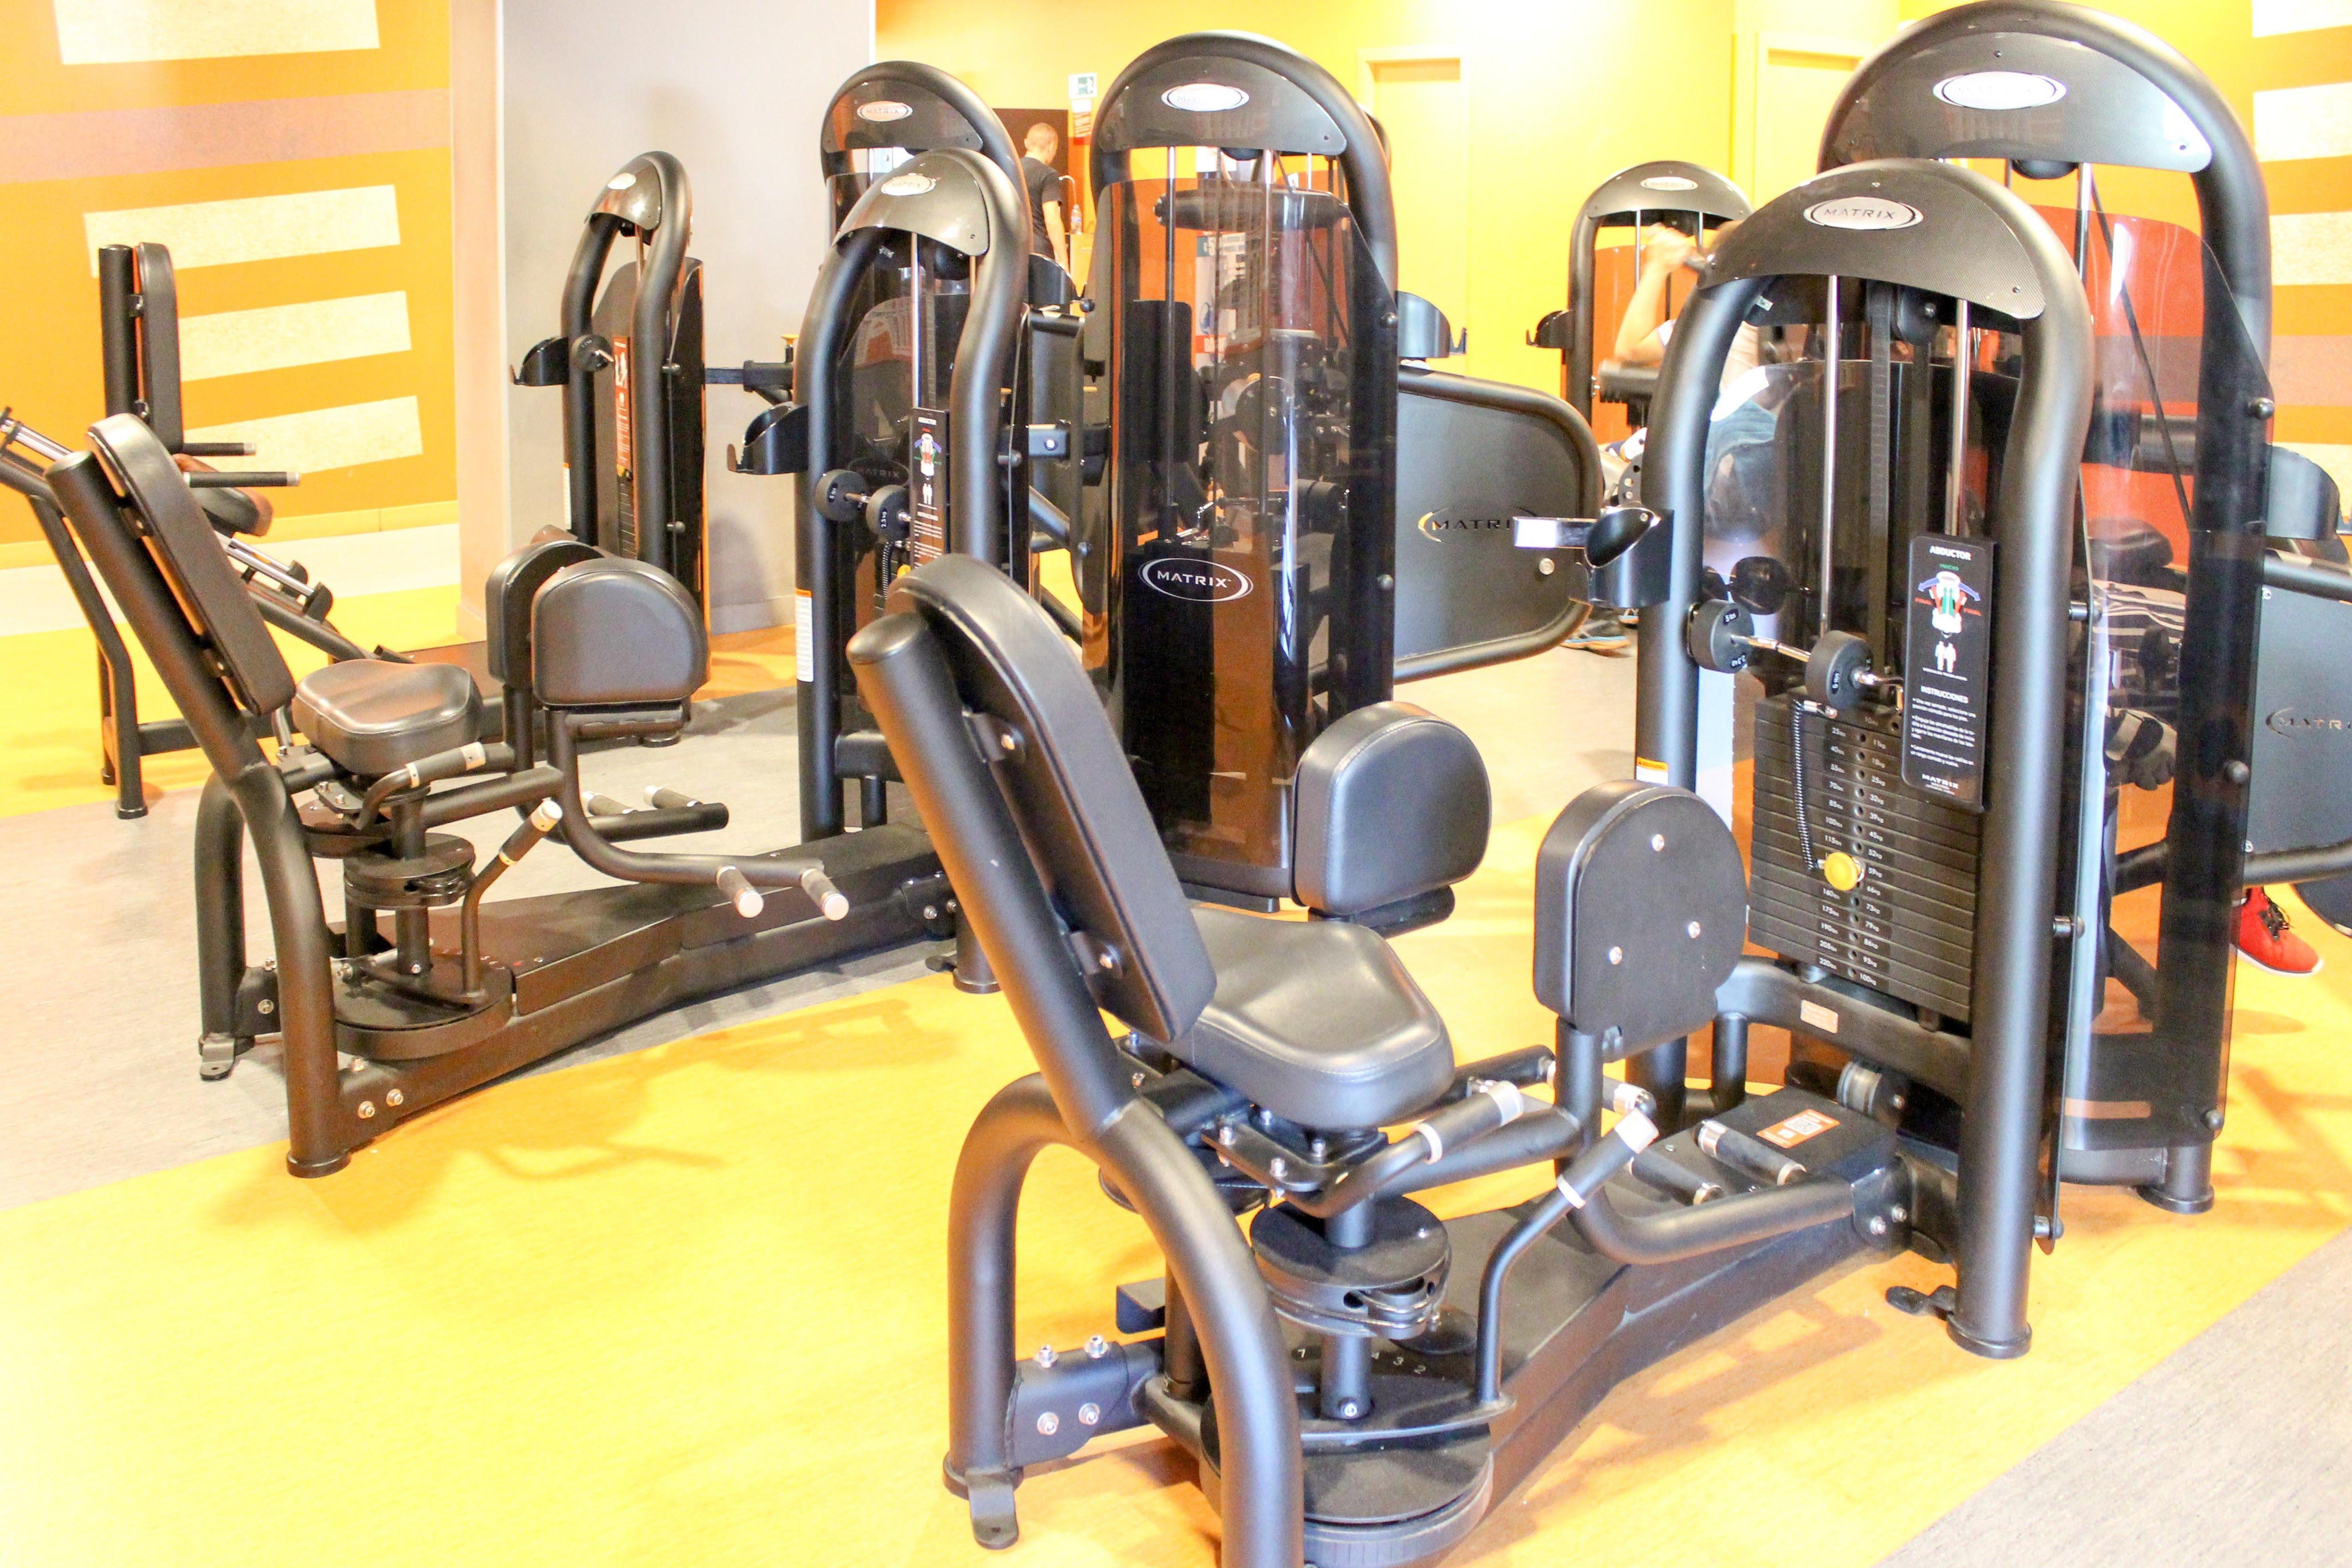 Foto 18 de Centro especializado en entrenamientos deportivos en Madrid | Isfit24